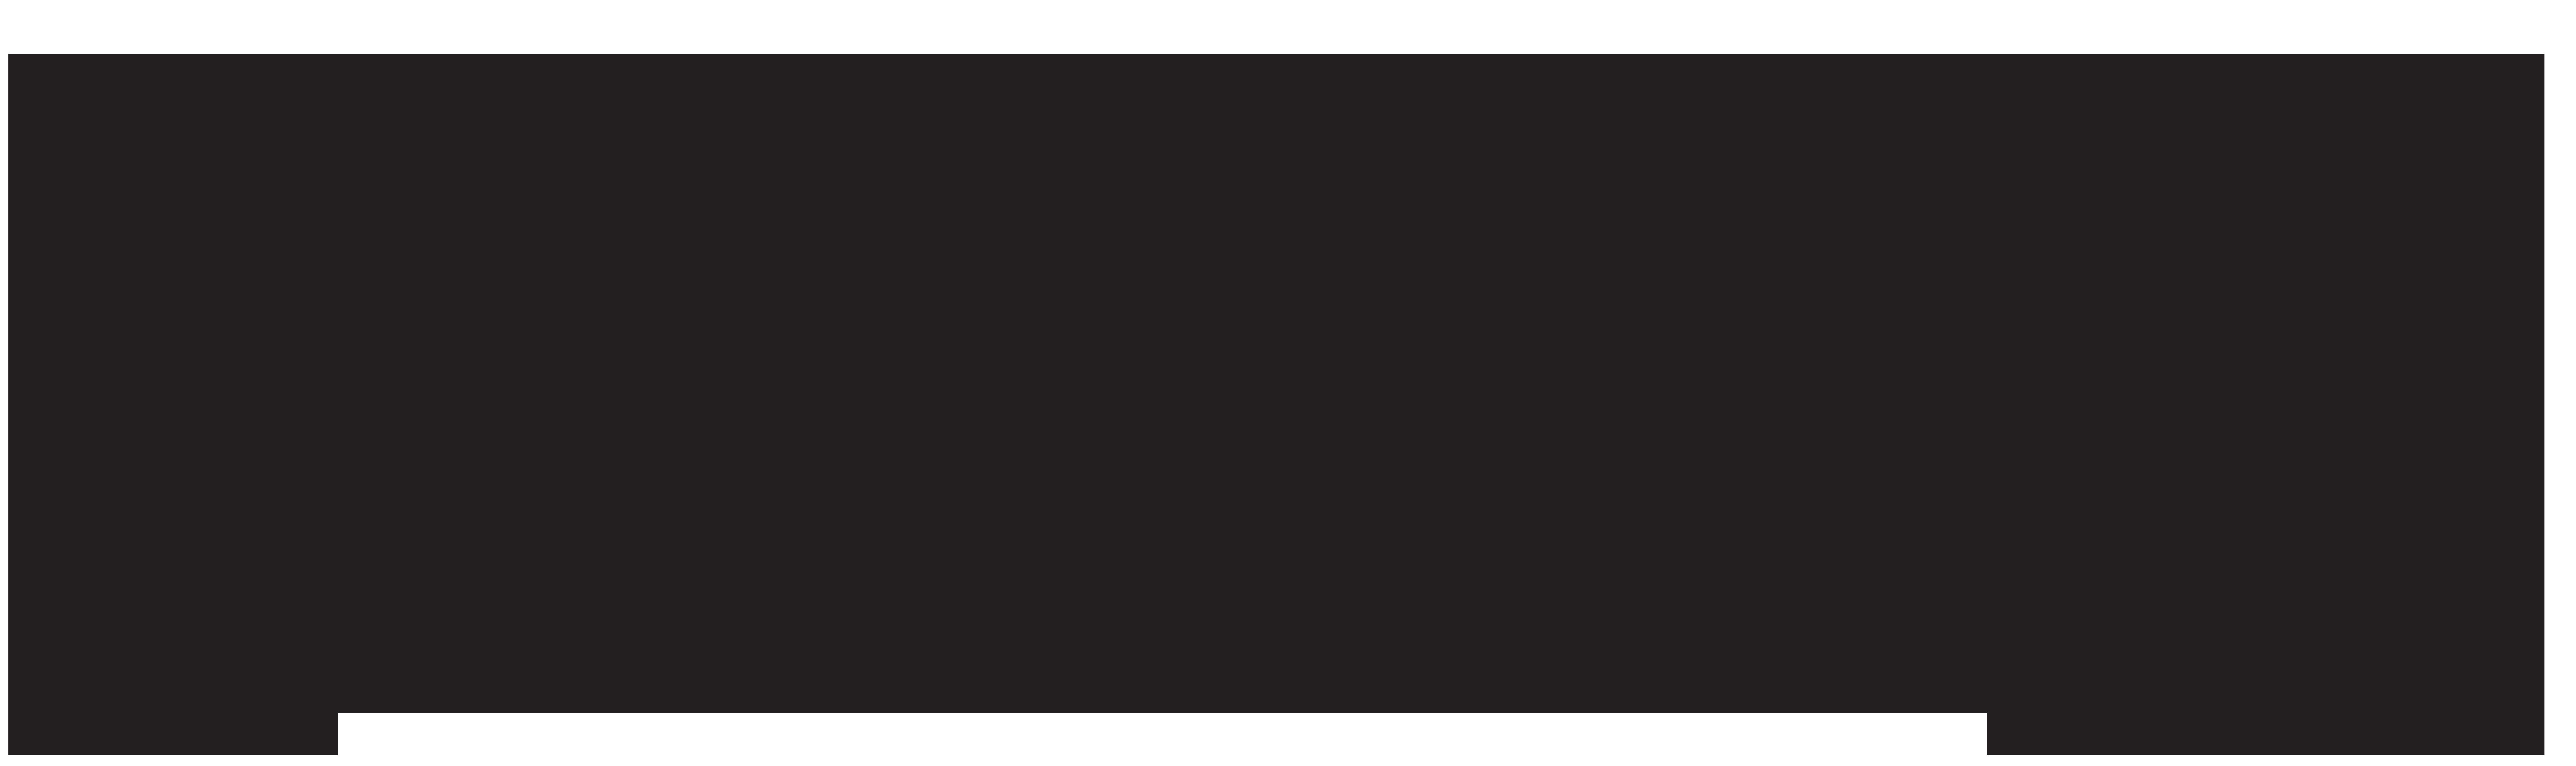 Camel Caravan clipart #1, Download drawings